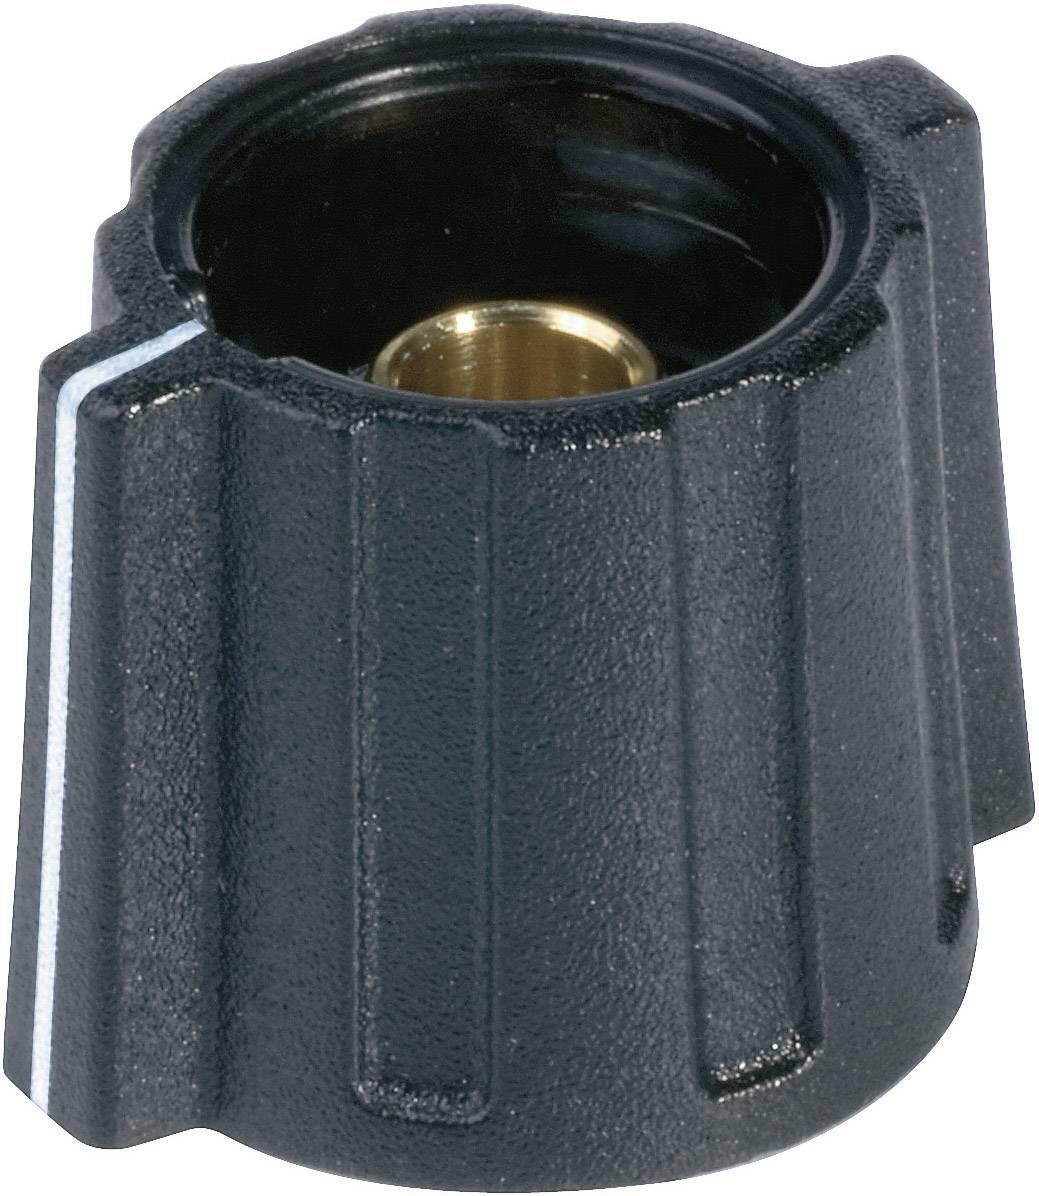 Otočný knoflík Wing (/O 16 mm) OKW, 6 mm, černá